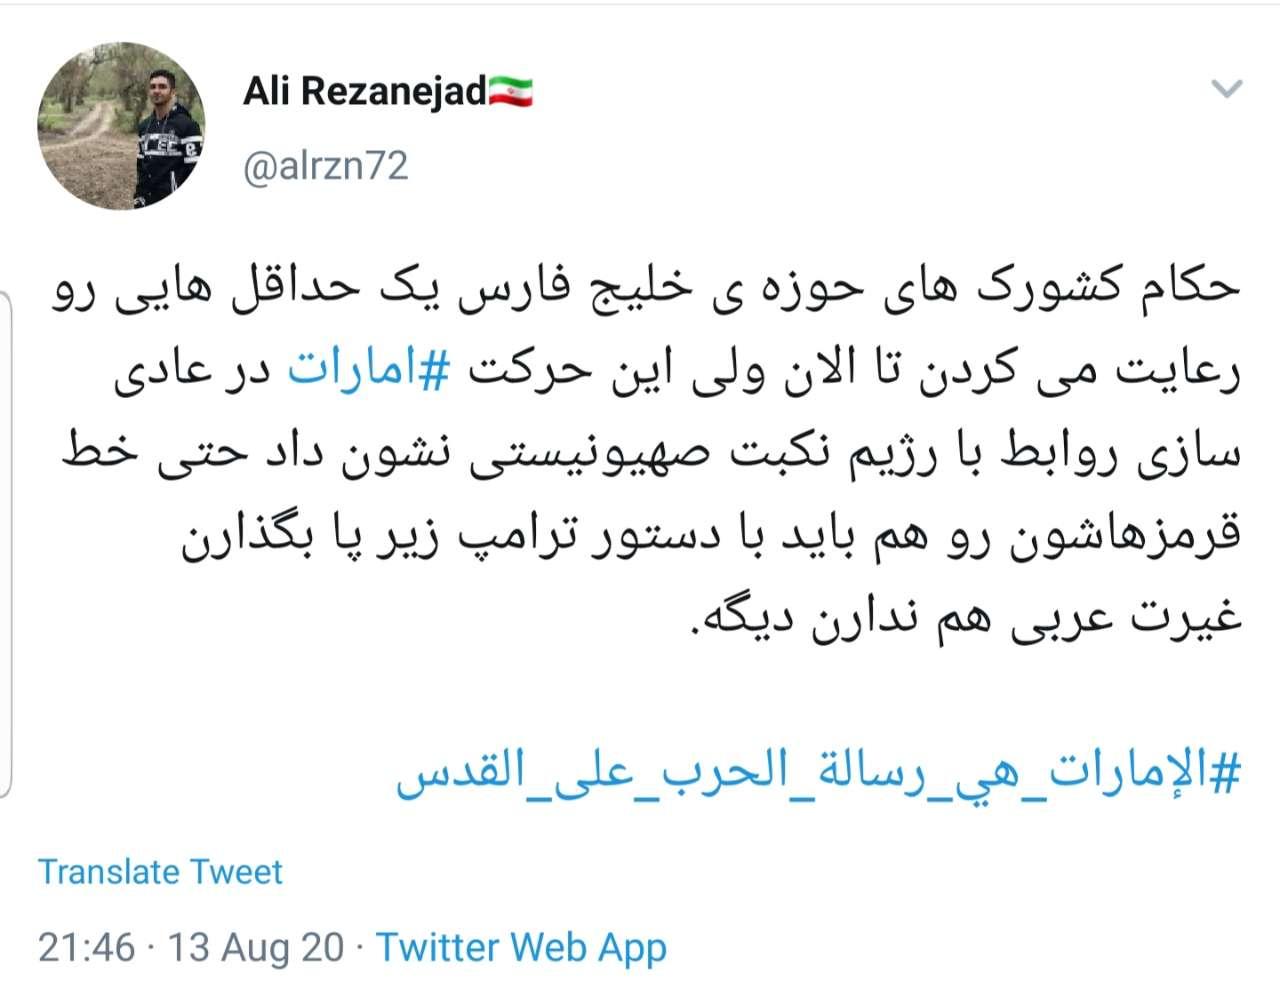 واکنش کاربران به توافق ننگین امارات با رژیم صهیونیستی؛